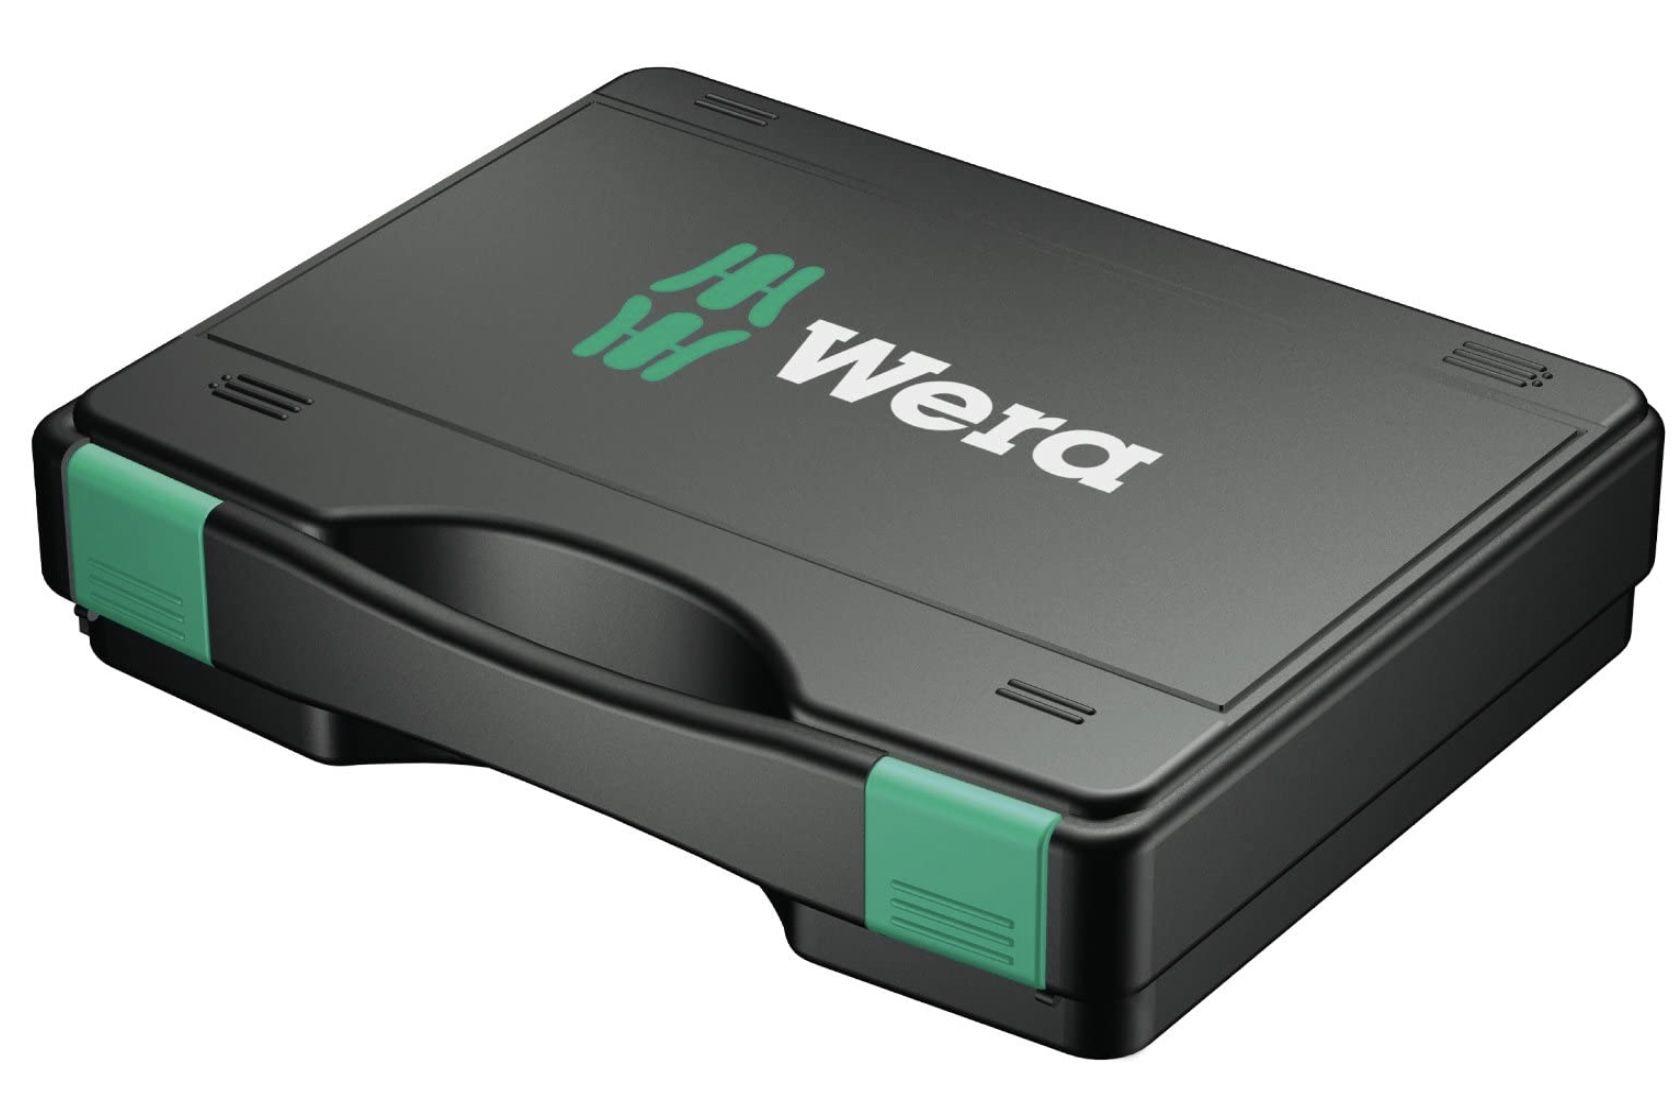 Wera 7443/12 12 teiliges Montageset für Reifendruckkontrollsysteme für 100,65€ (statt 178€)